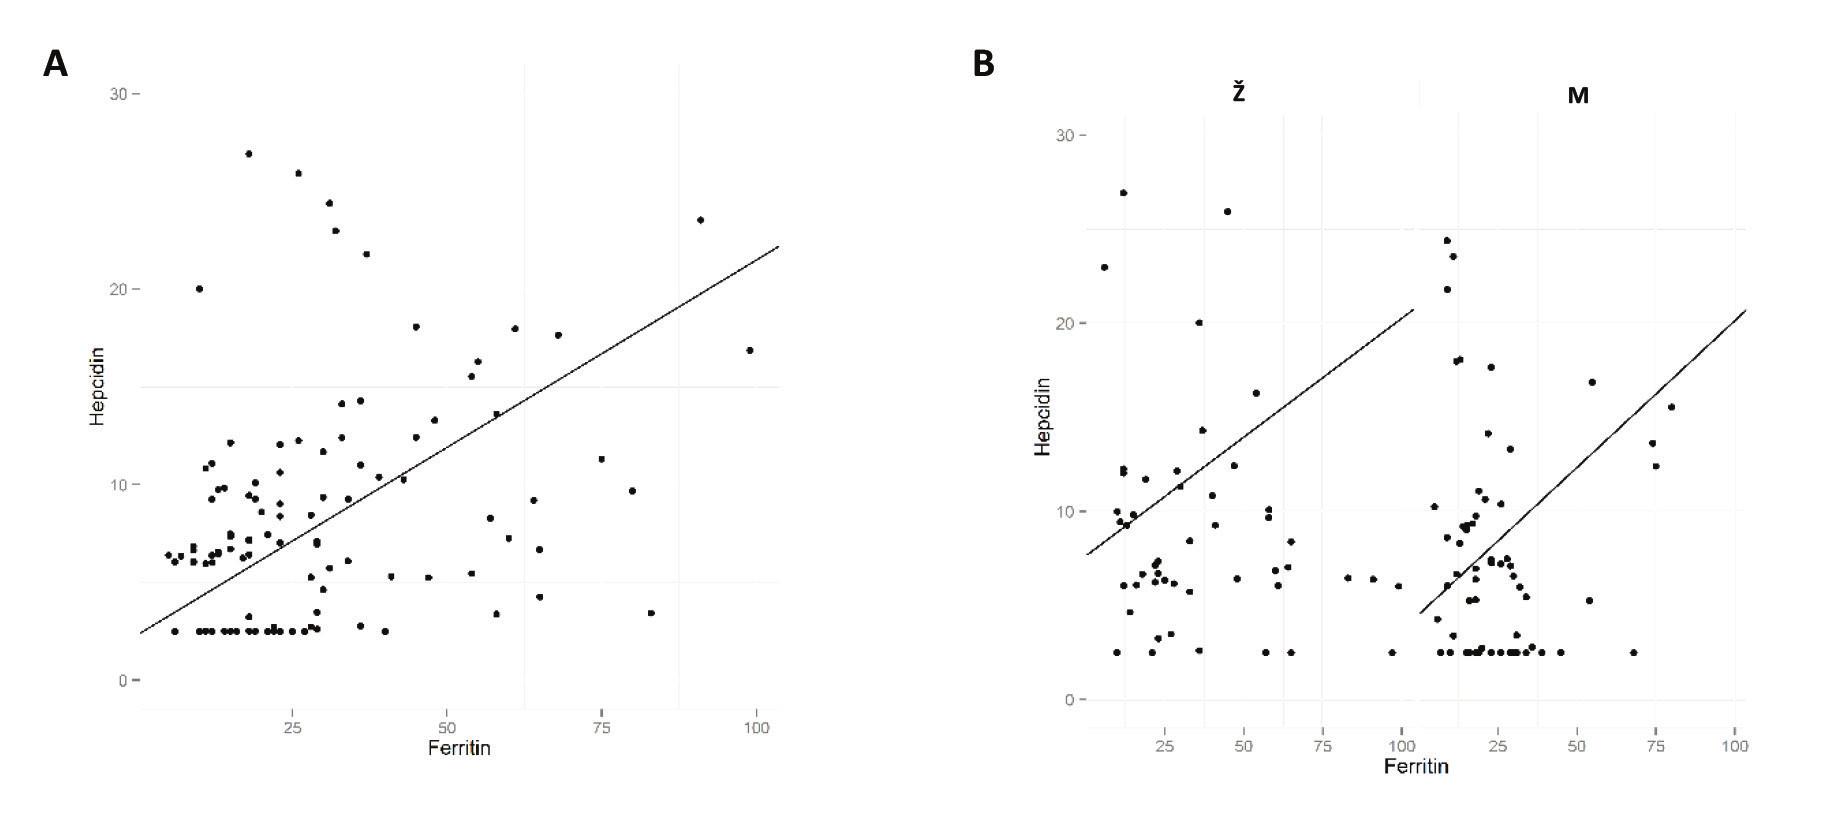 Graf korelace hladin hepcidinu a feritinu Hladina hepcidinu vykazuje pozitivní korelaci s hladinou feritinu u všech dárců (A) i u obou pohlaví odděleně (B). M = muži; Ž = ženy